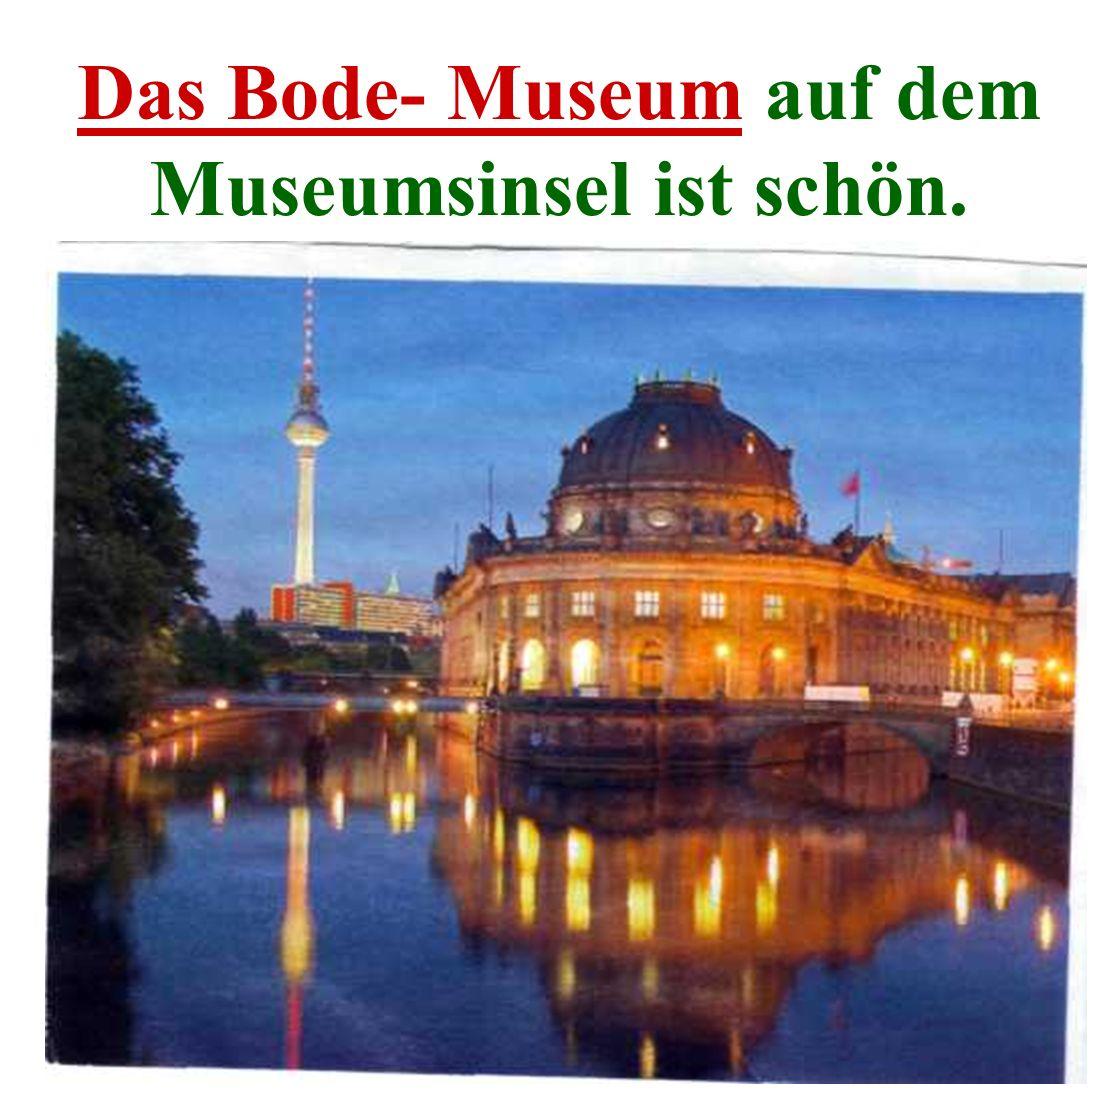 Das Bode- Museum auf dem Museumsinsel ist schön.